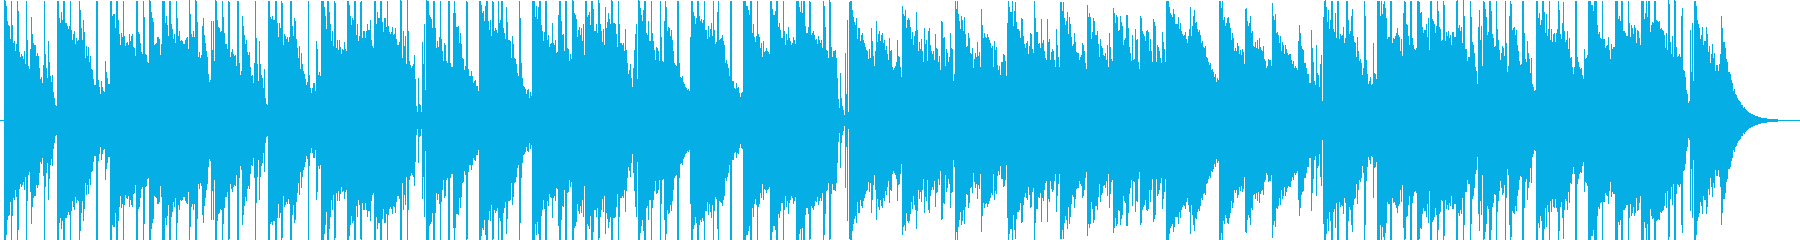 しっとりと落ち着いた雰囲気のチルウェイヴの再生済みの波形